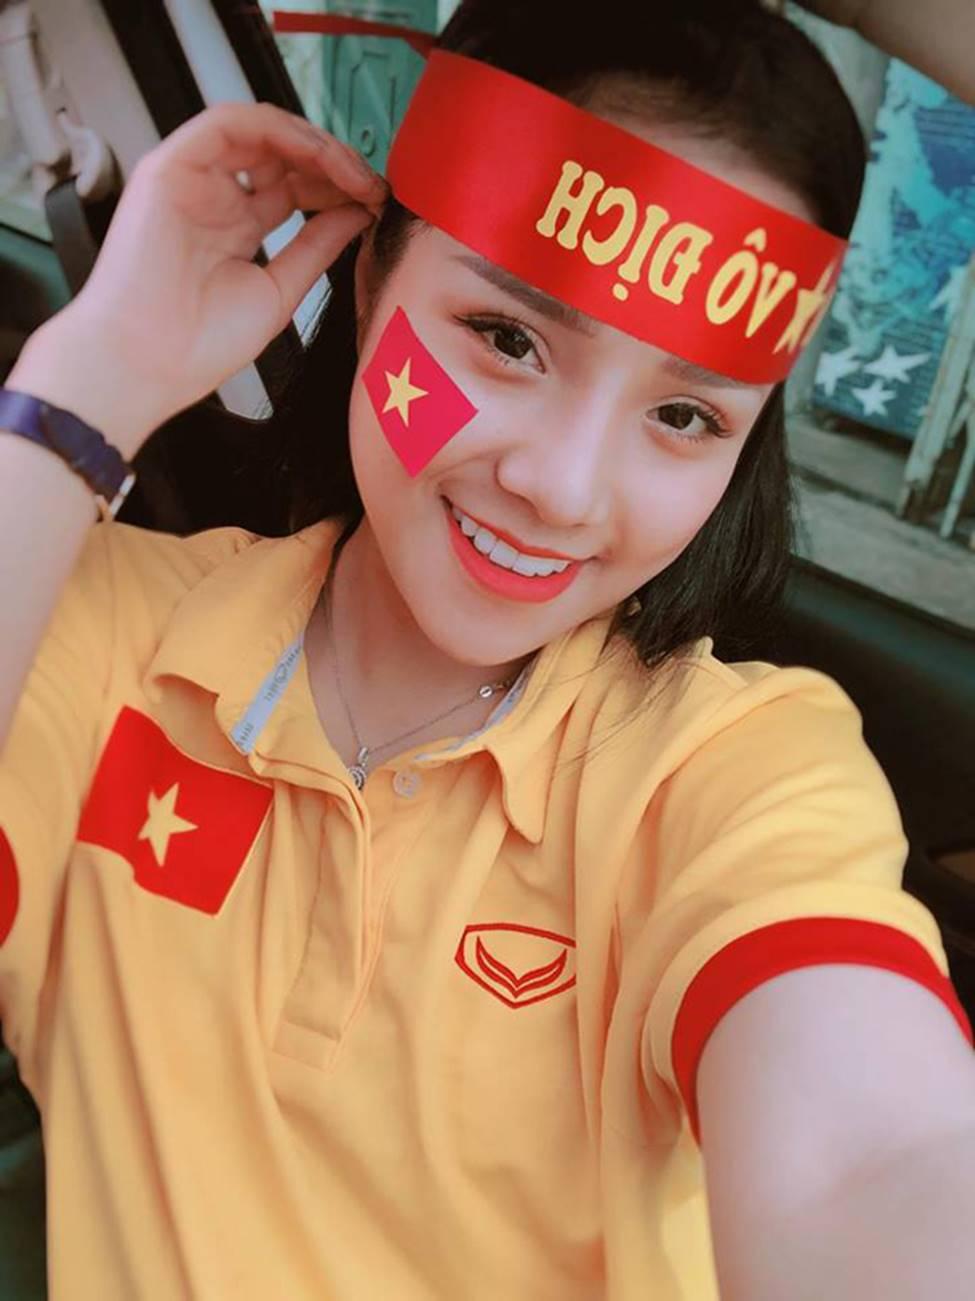 Nữ CĐV từng yêu thủ môn số 1 Việt Nam tung ảnh bikini nóng bỏng mắt-1